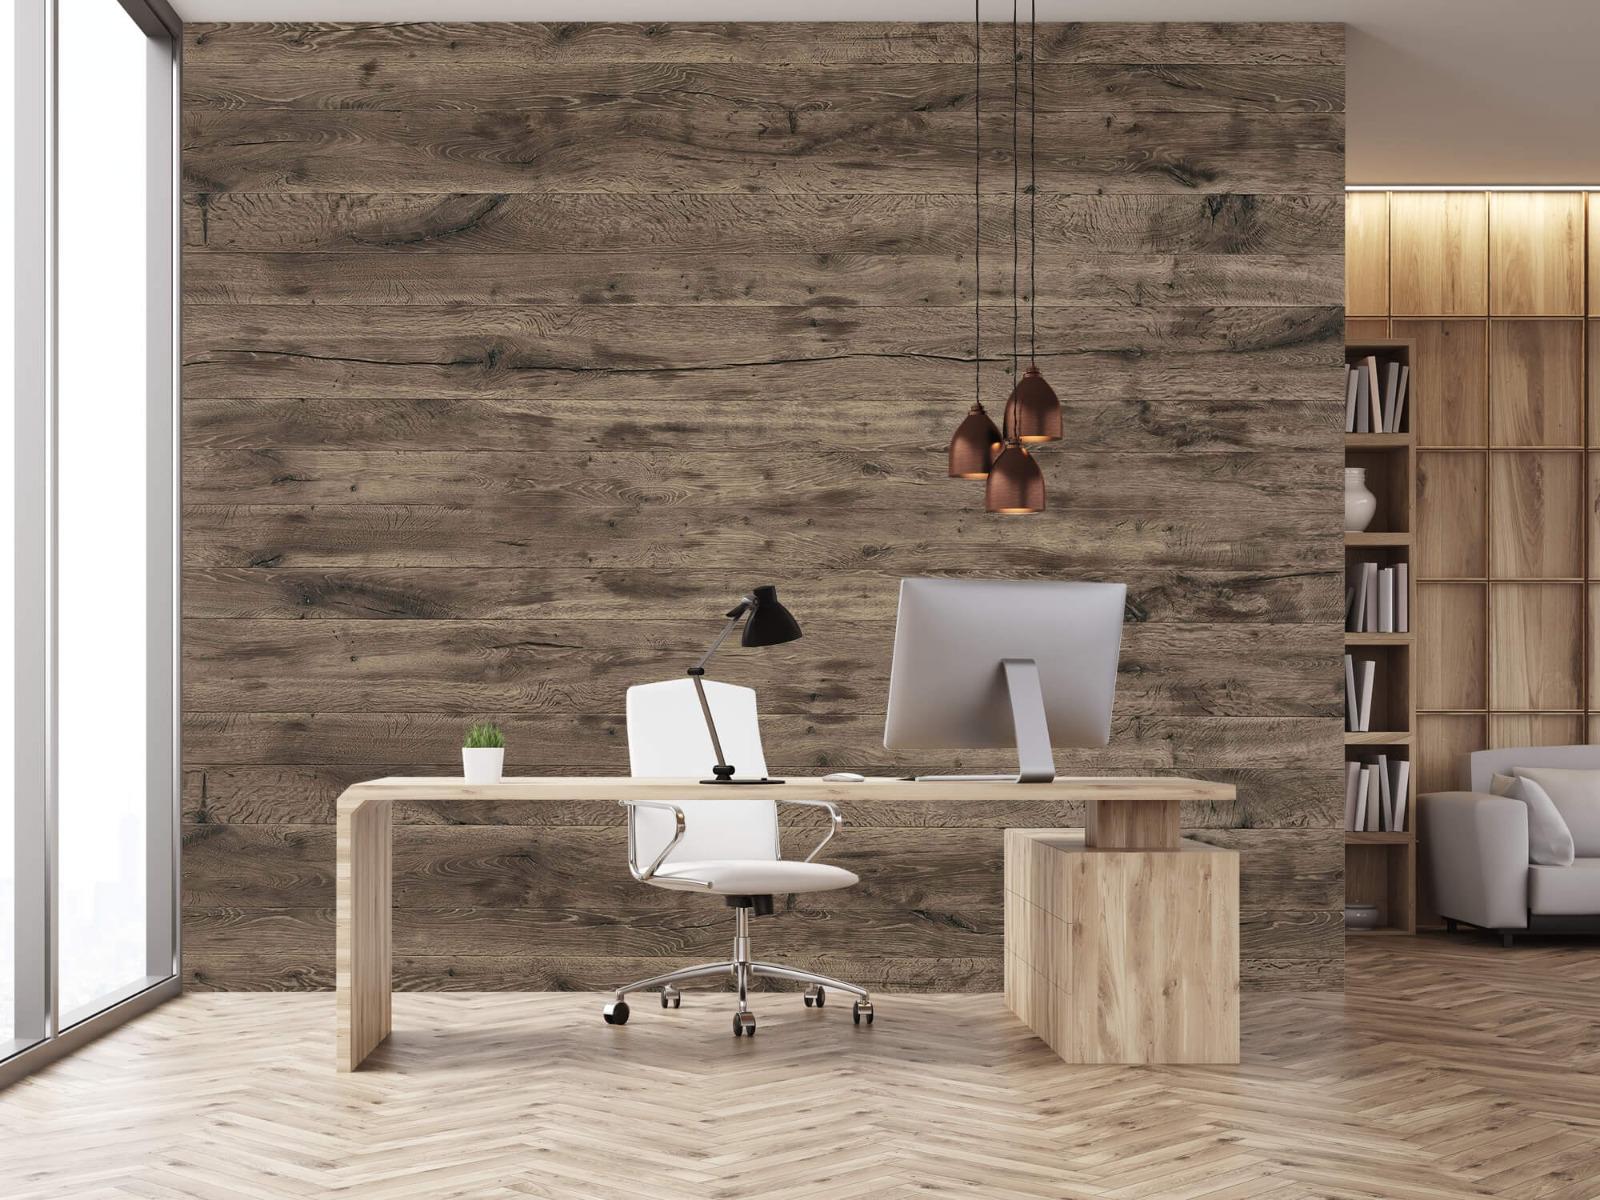 Hout behang - Rustieke houten planken - Garage 24